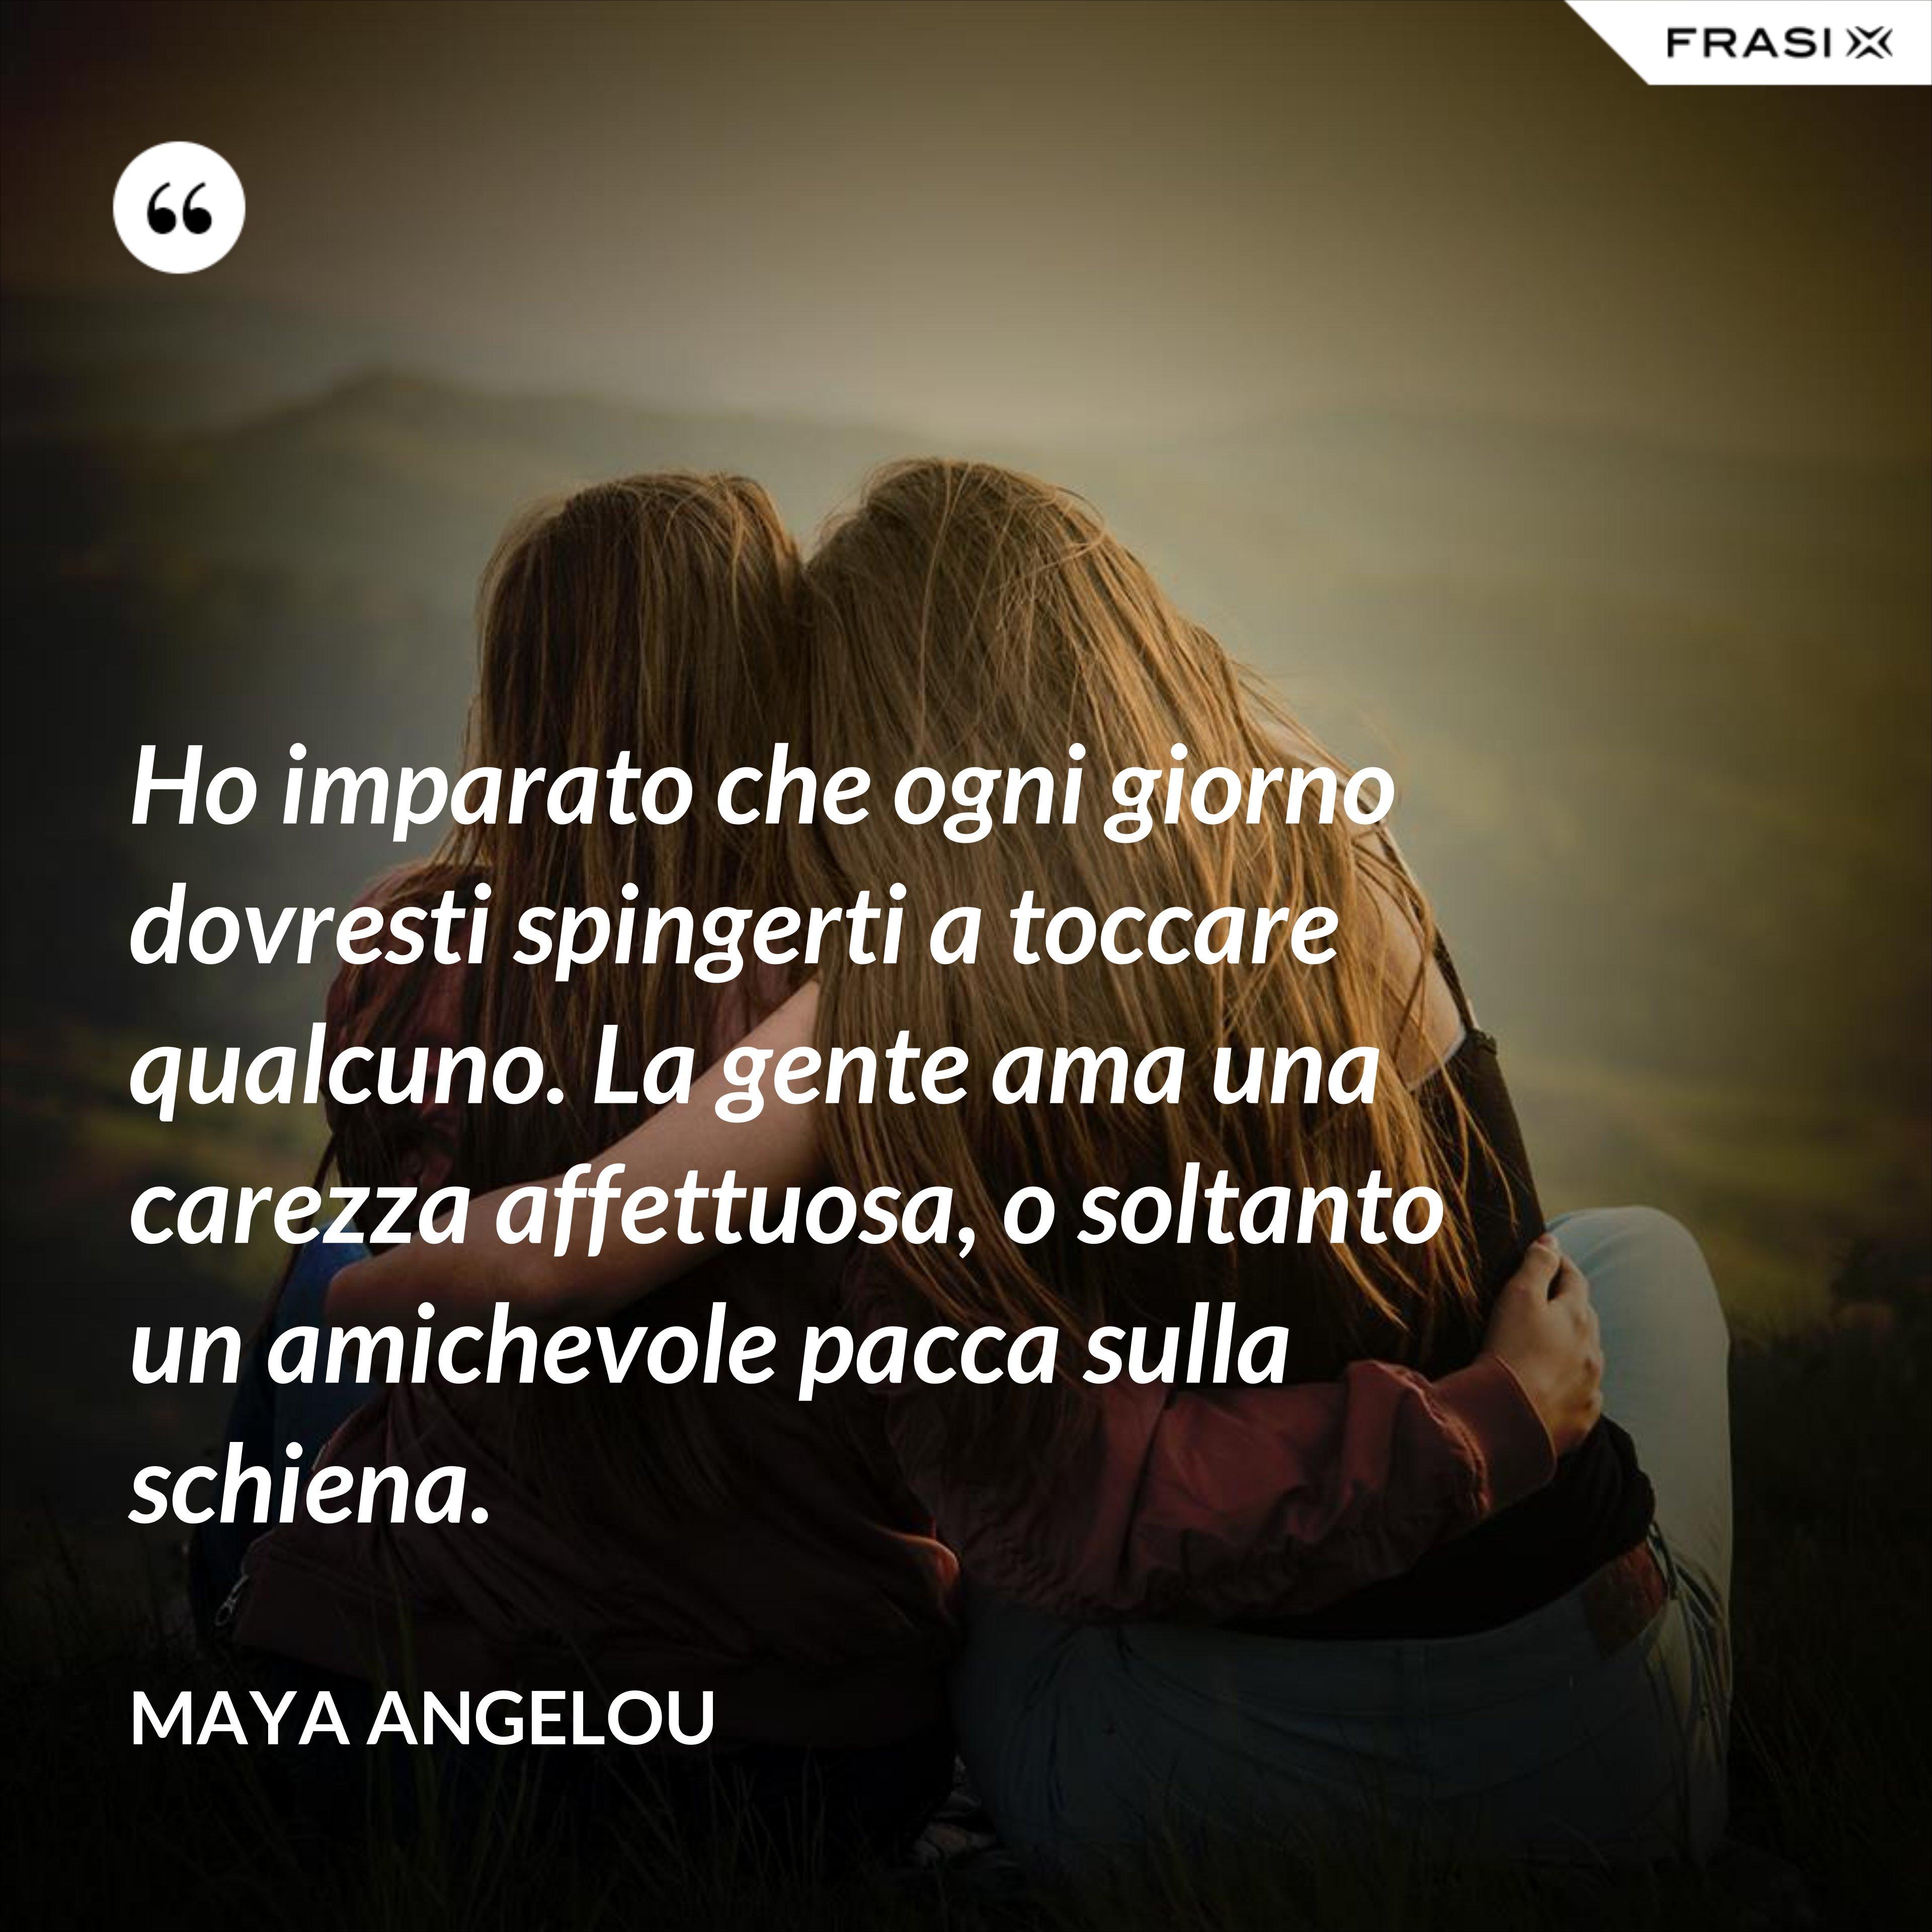 Ho imparato che ogni giorno dovresti spingerti a toccare qualcuno. La gente ama una carezza affettuosa, o soltanto un amichevole pacca sulla schiena. - Maya Angelou